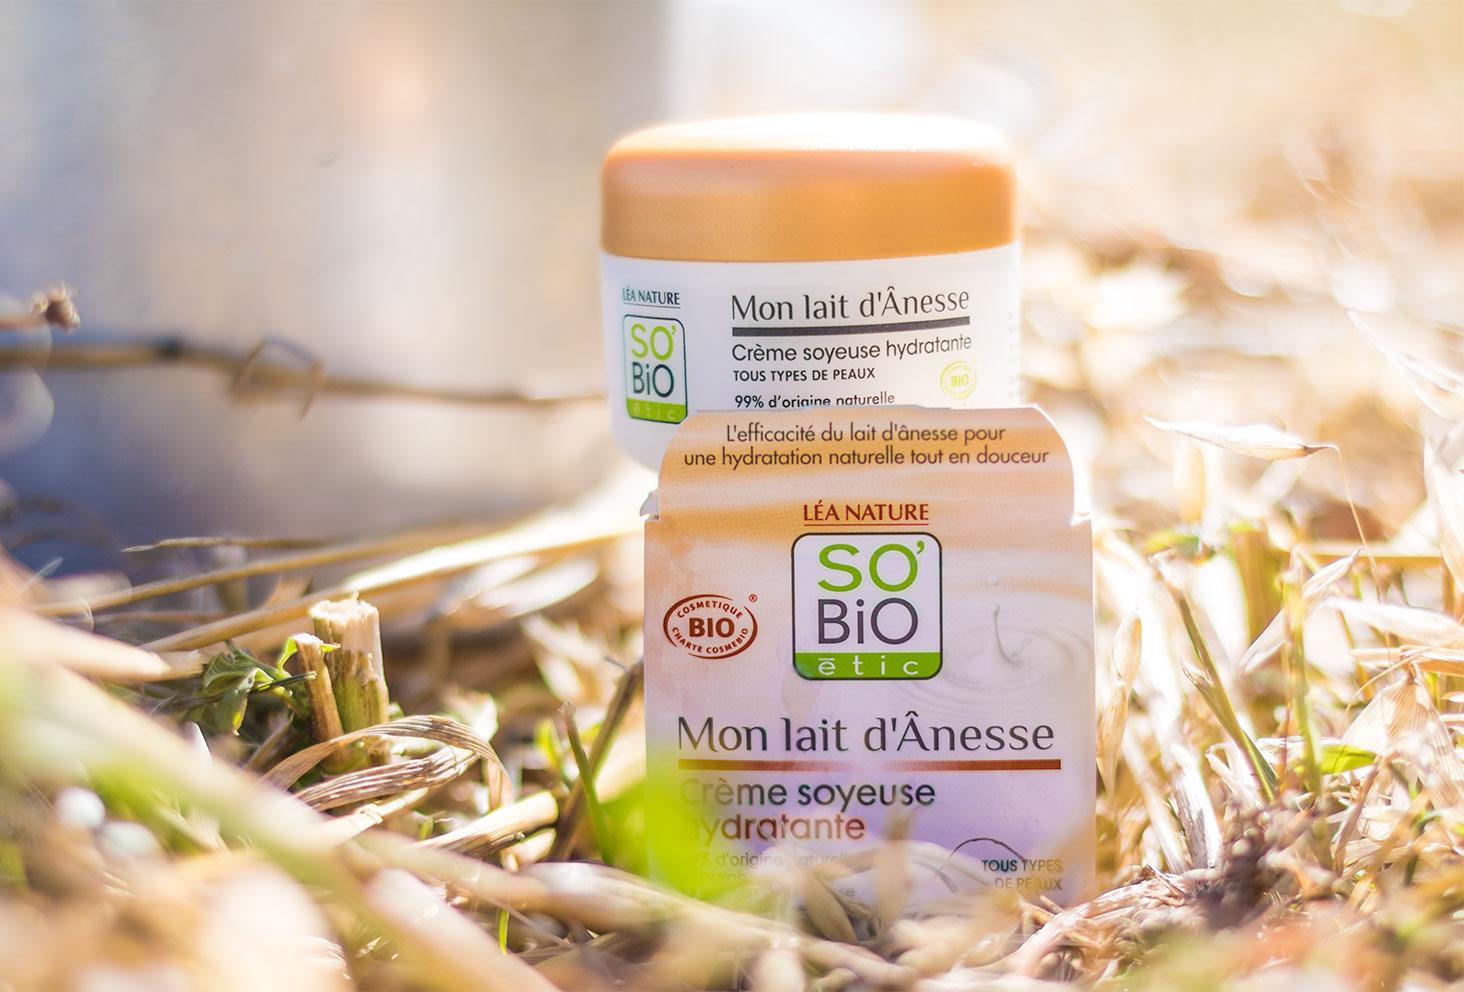 Présentation de la crème visage au lait d'ânesse de la gamme Mon lait d'Ânesse de la marque SO'BiO étic